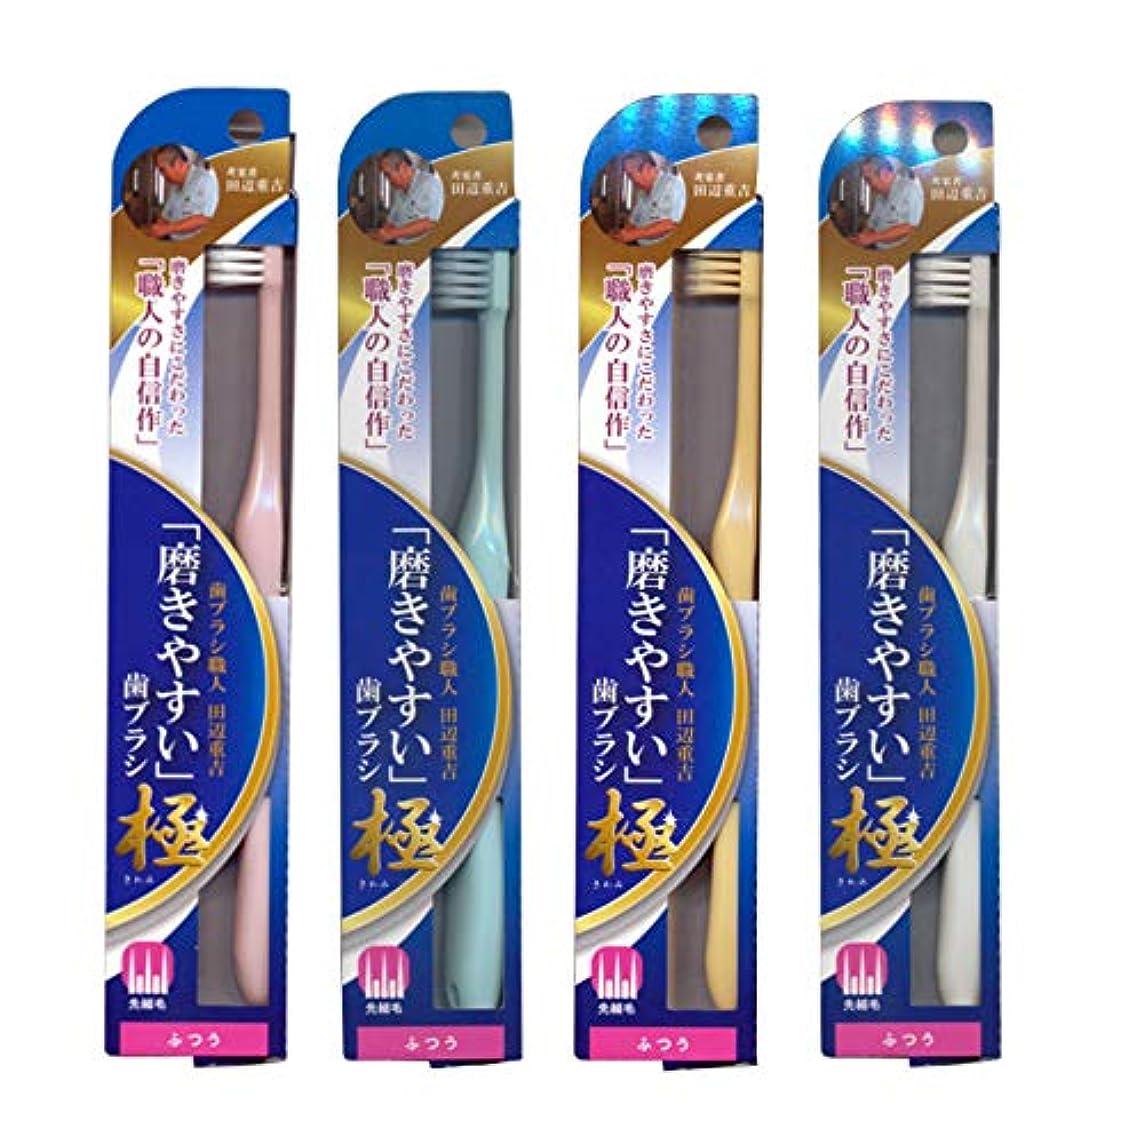 に頼る修士号疲労磨きやすい歯ブラシ極 (ふつう) LT-44×4本セット(ピンク×1、ブルー×1、ホワイト×1、イエロー×1)先細毛